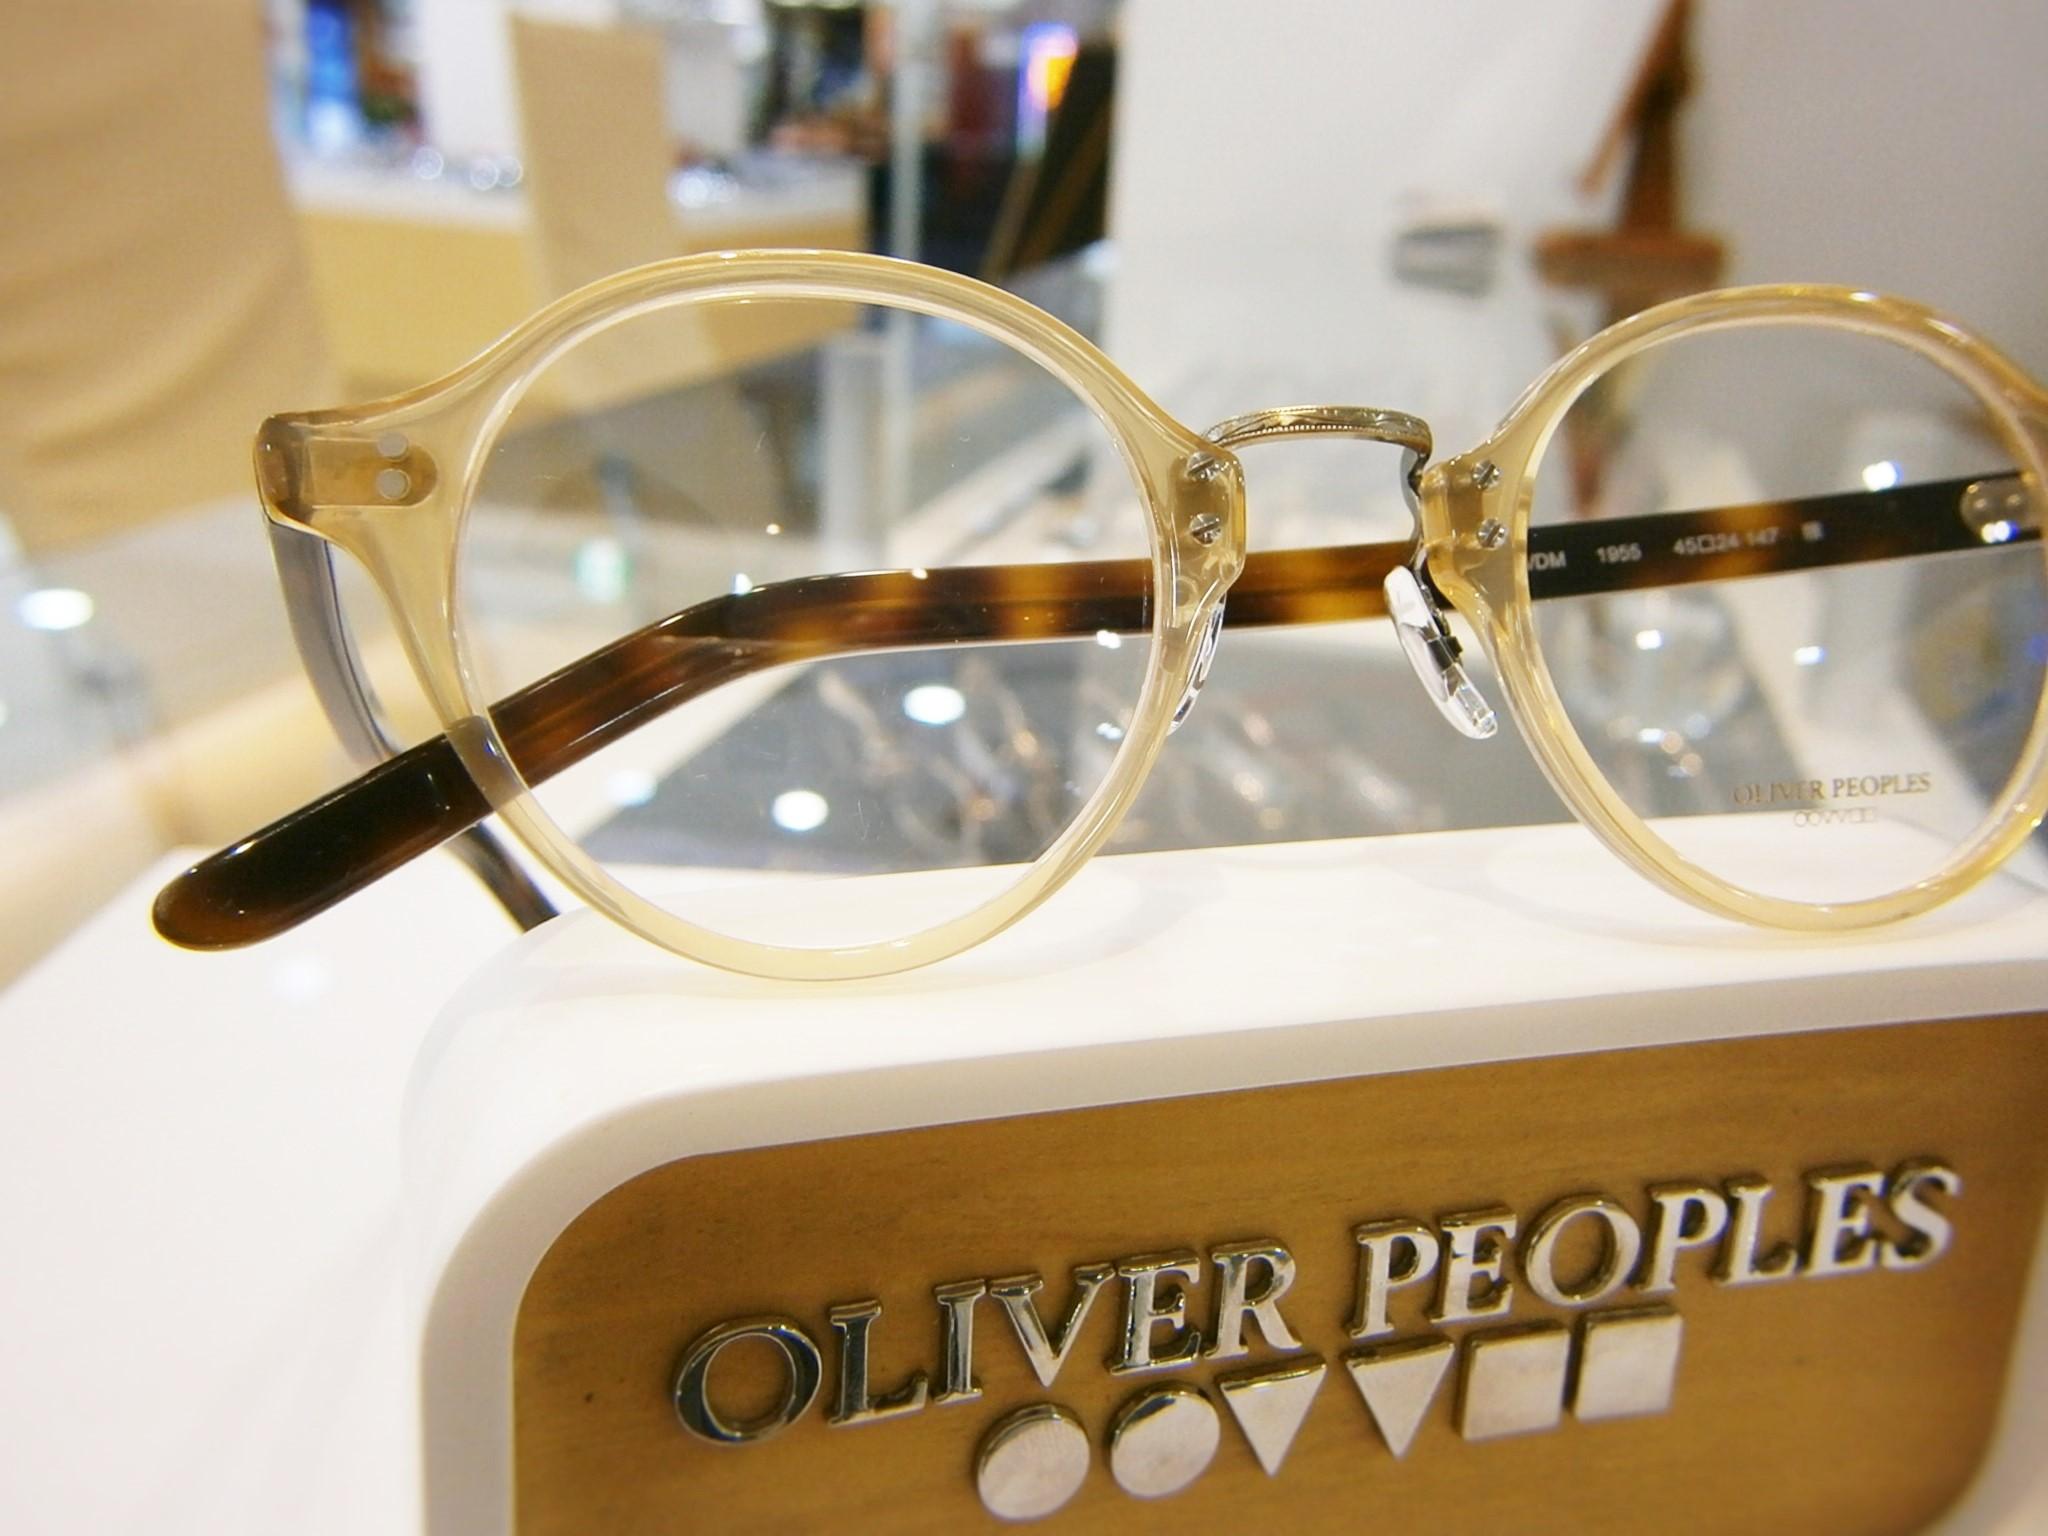 人気のメガネブランド 近視の眼鏡 老眼鏡 カジュアルメガネ 江戸川区